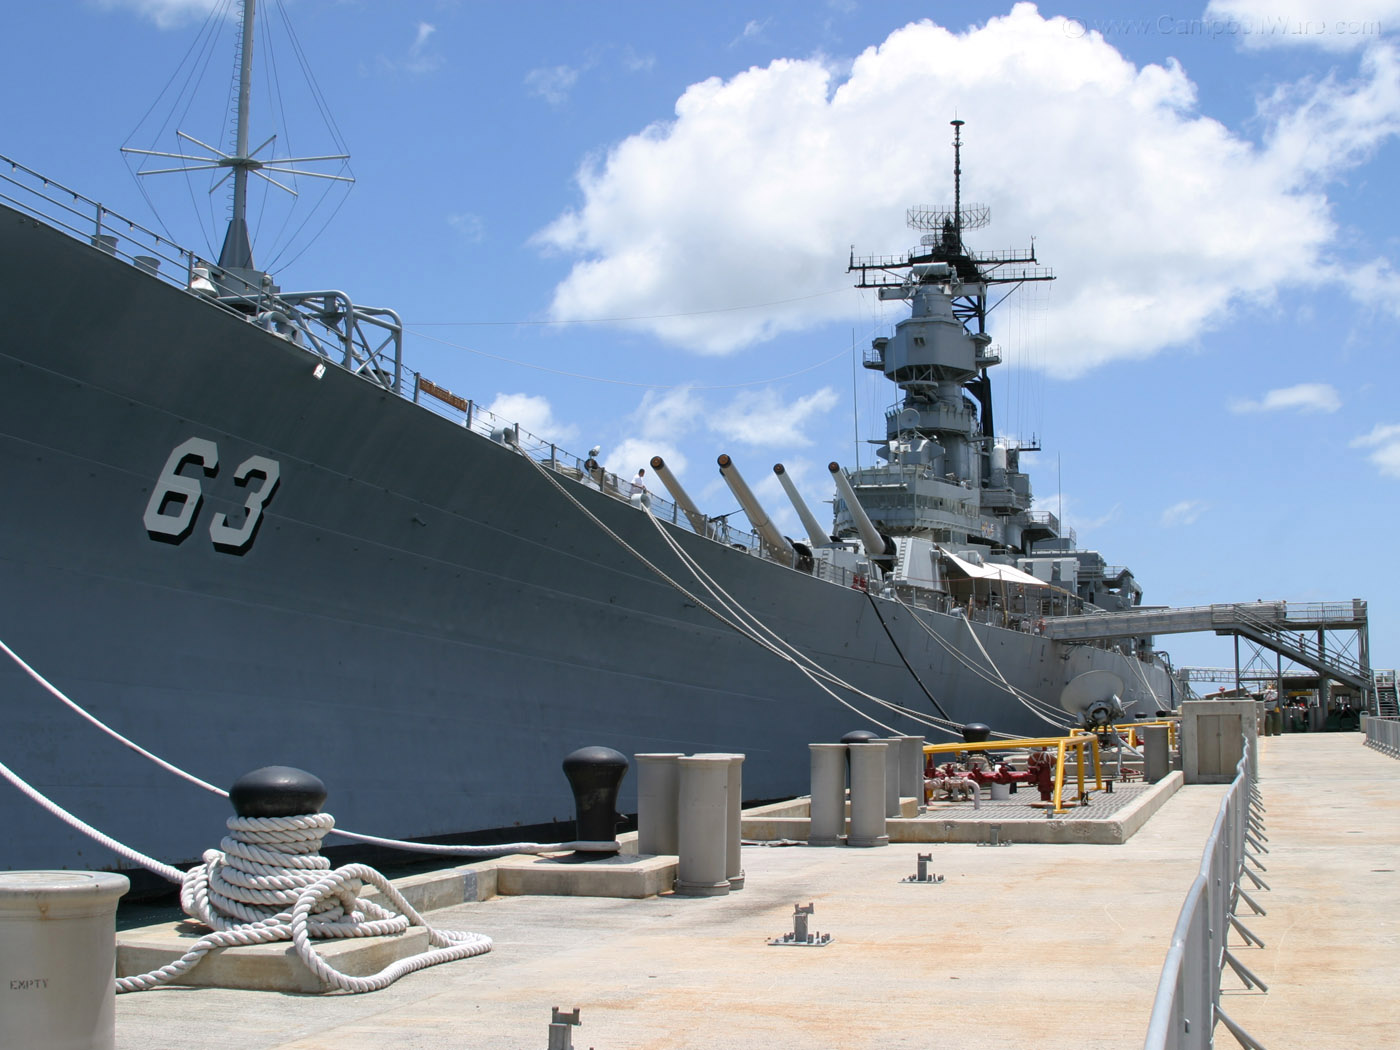 2005 05 0748 The USS Missouri Pearl Harborjpg 1400x1050